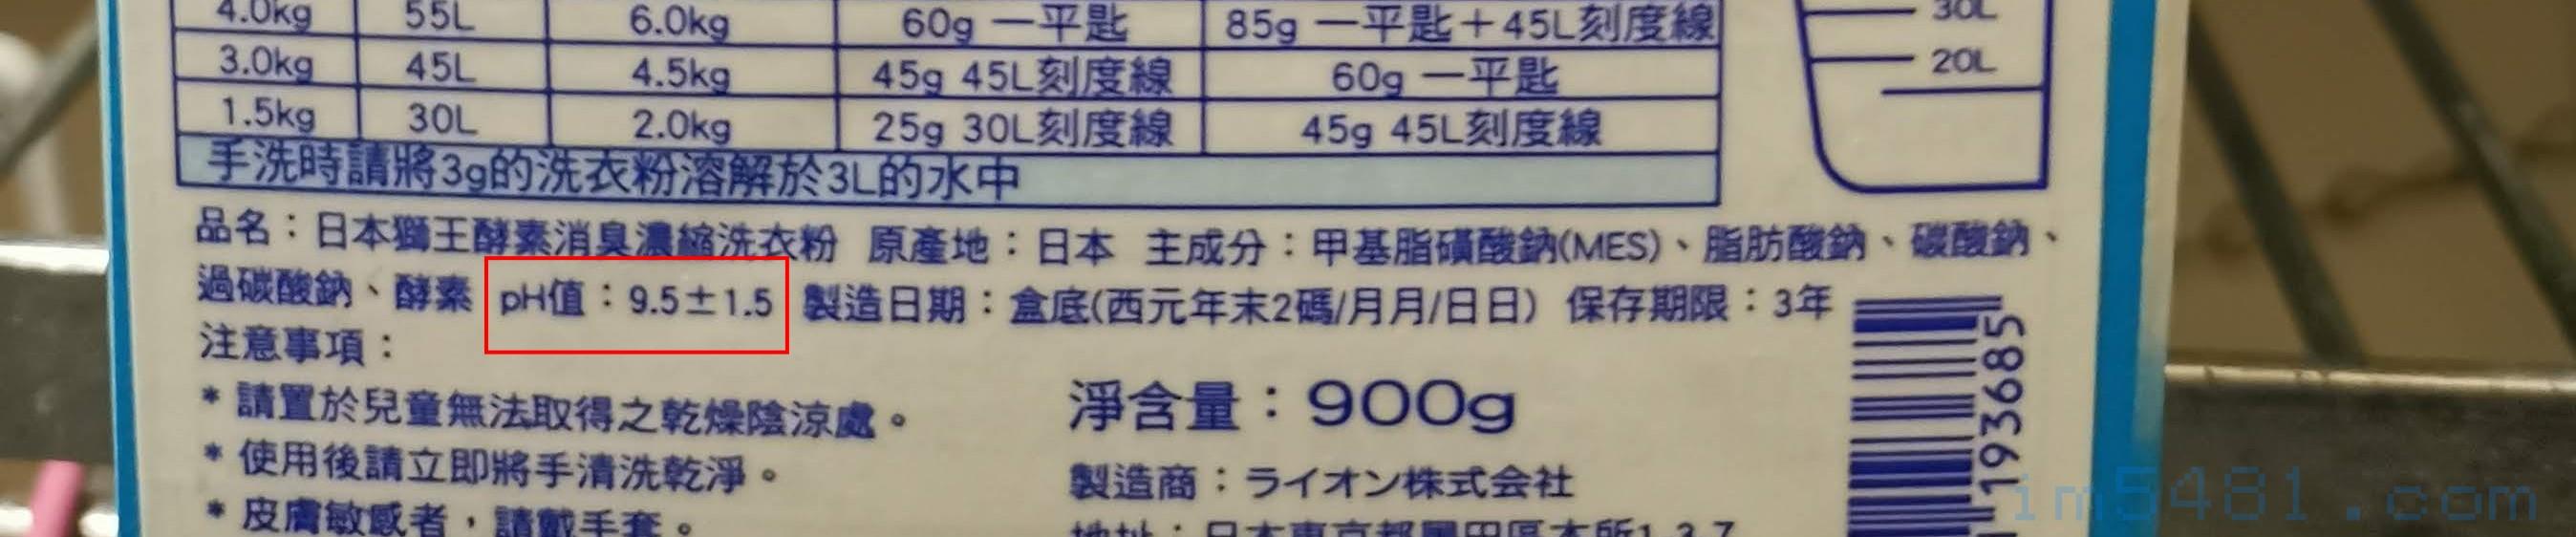 日本獅王酵素消臭濃縮洗衣粉的PH值為9.5±1.5